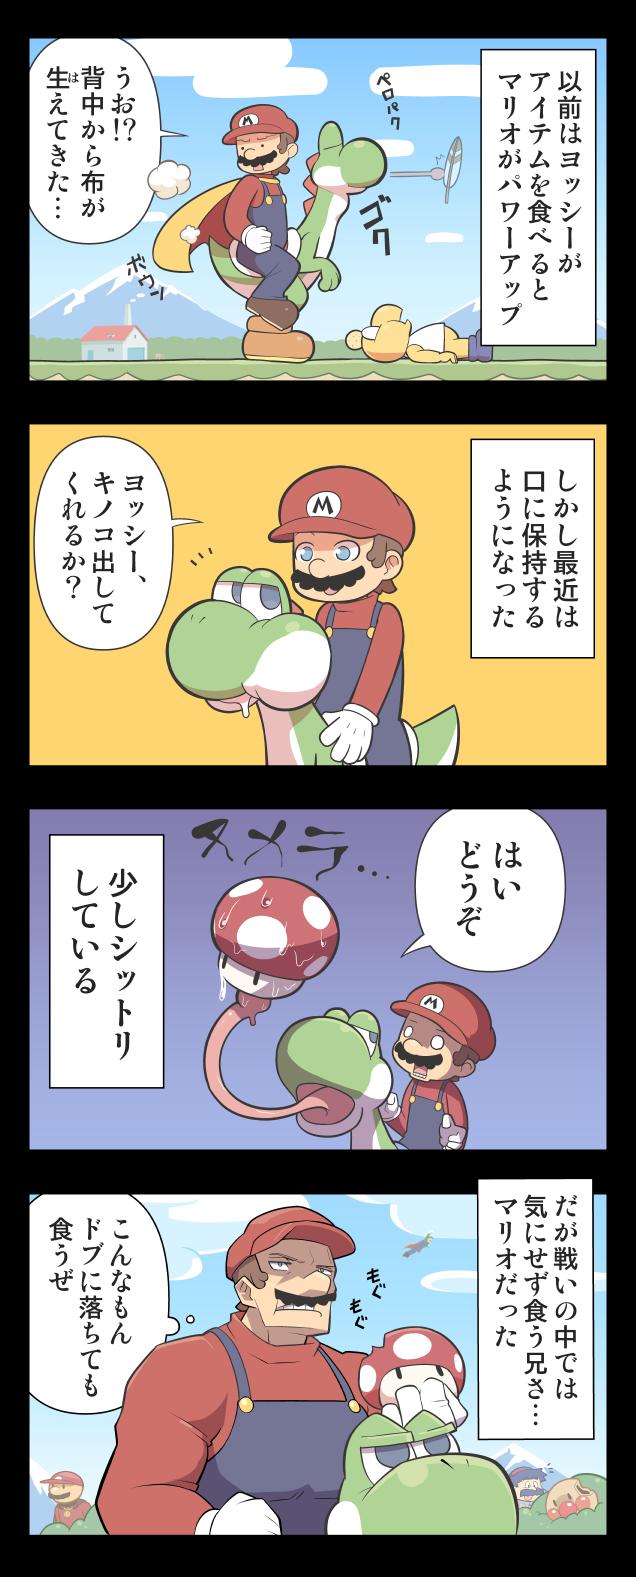 任天堂fc_マリオ - キラワレ大百科